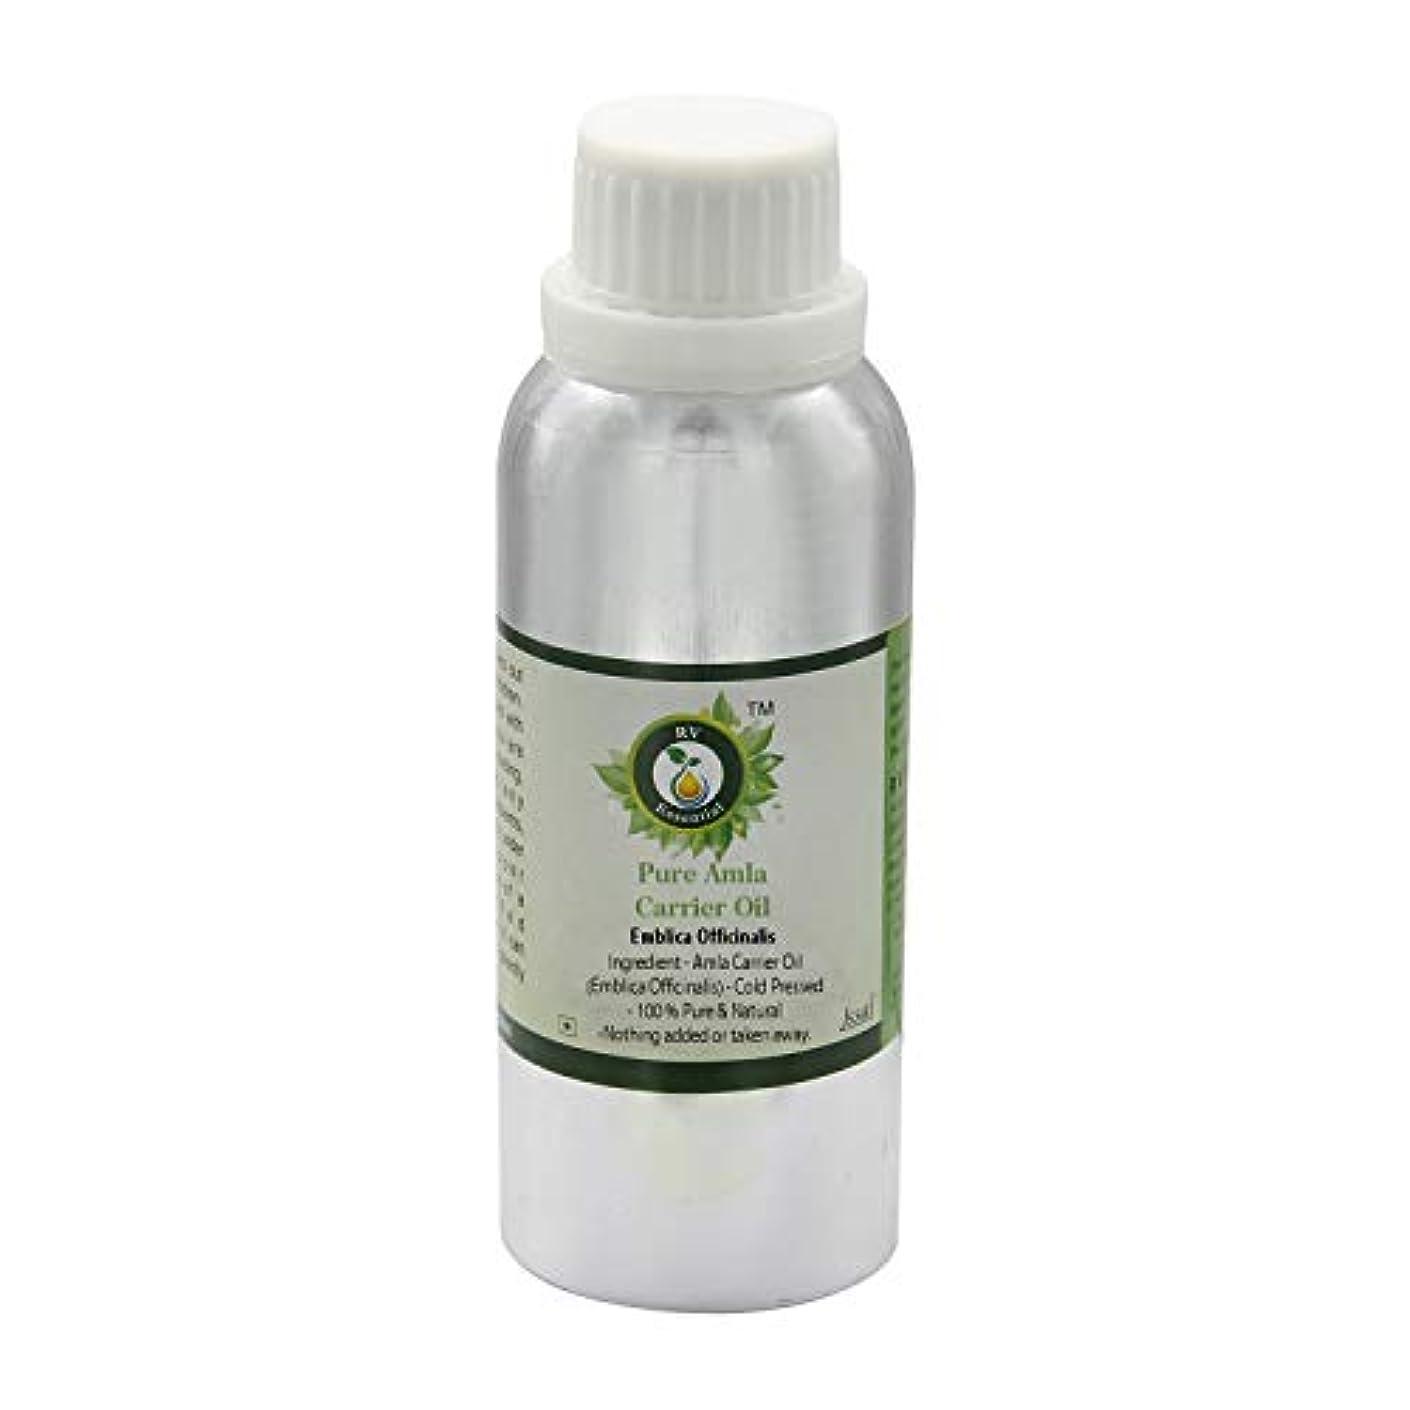 制限する先史時代の体系的に純粋なAmla油630ml (21oz)- Emblica Officinalis (100%純粋で天然の希少ハーブシリーズ) Pure Amla Oil